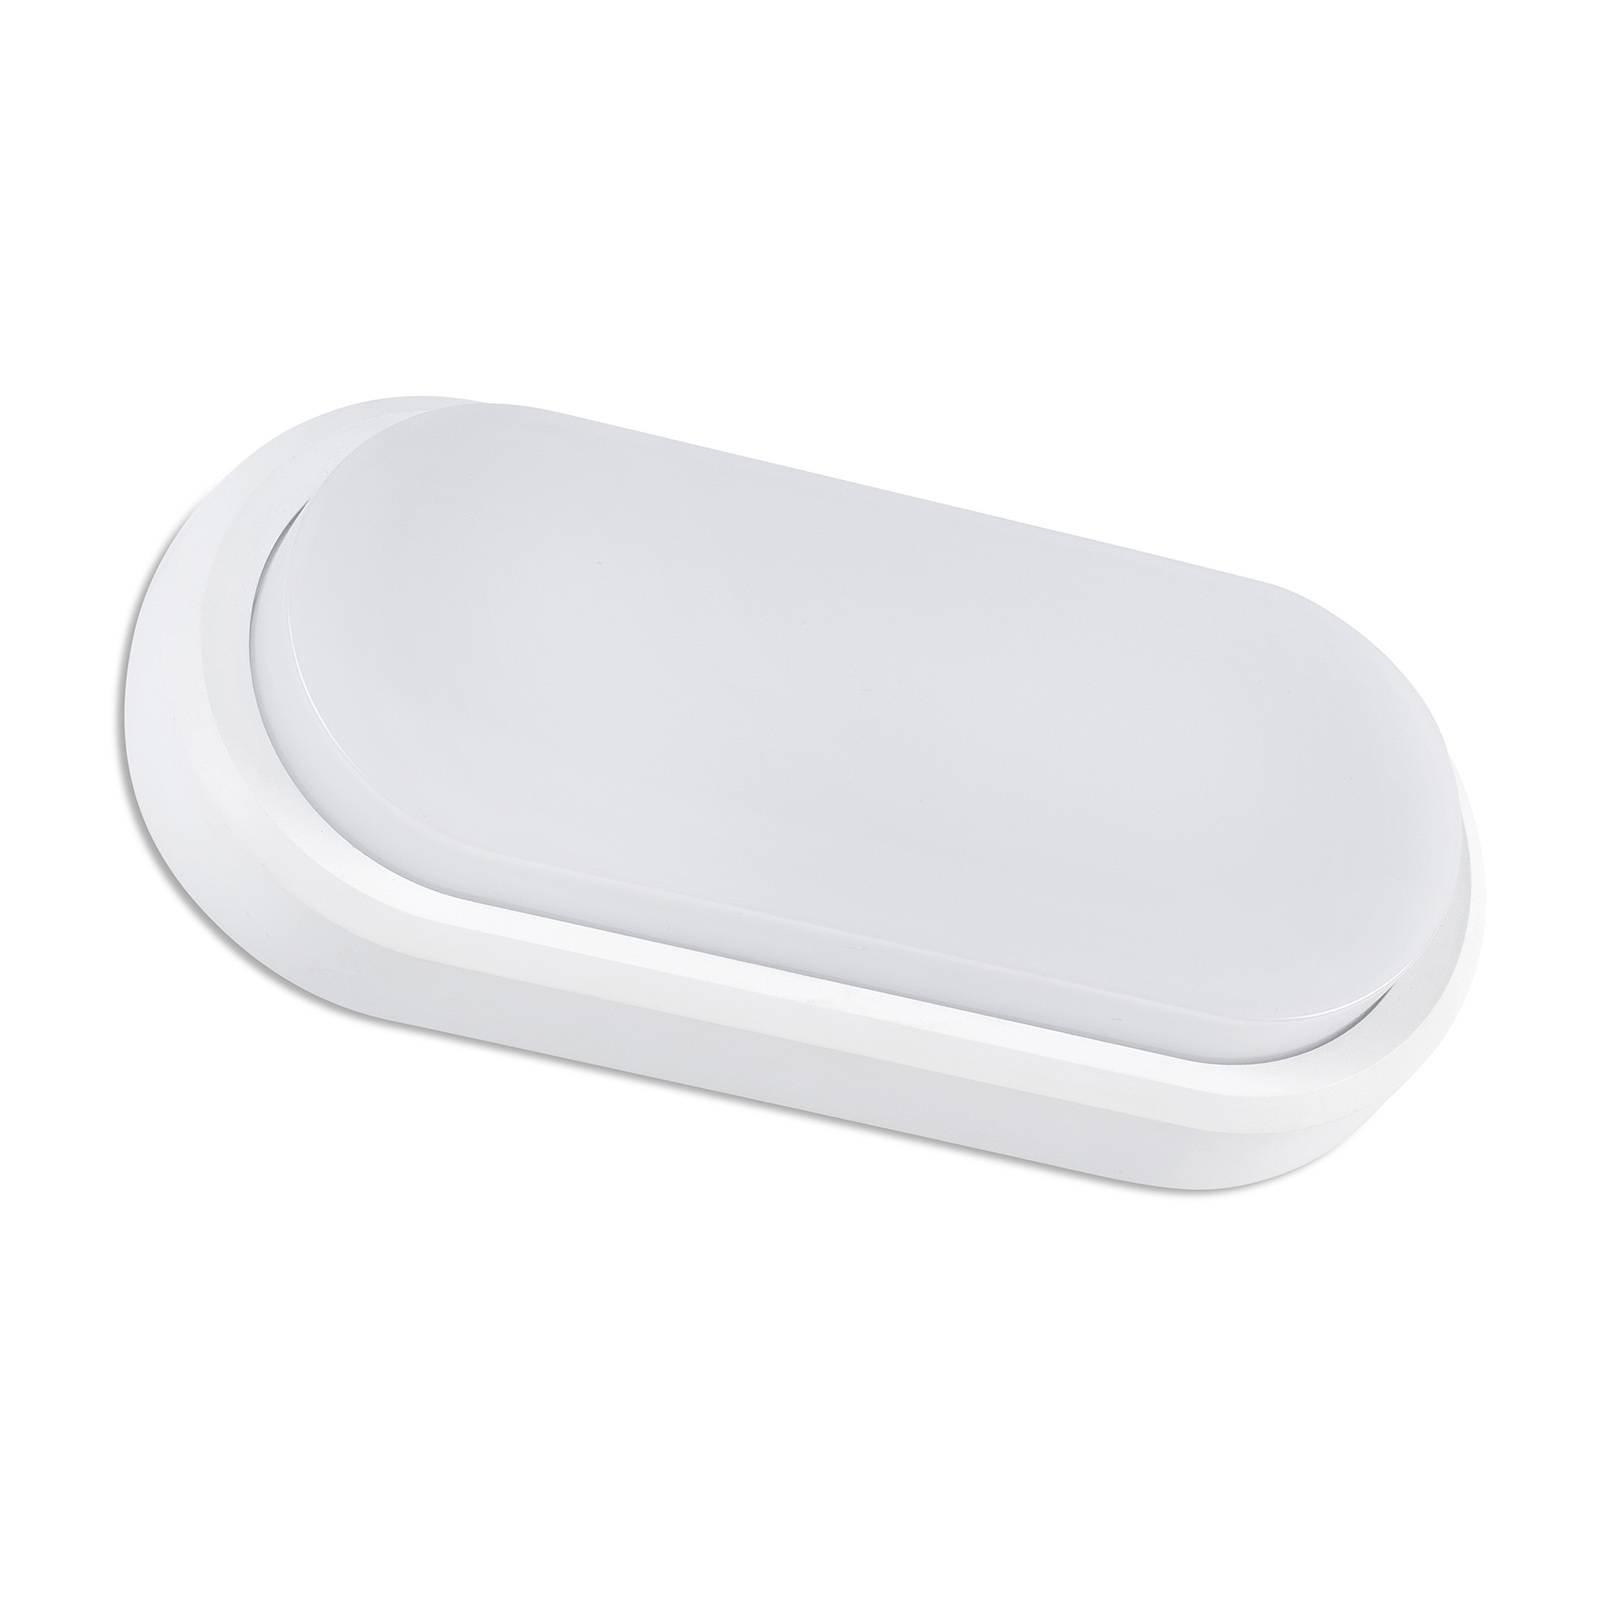 Utendørs LED-vegglampe Fred XL IK10, hvit